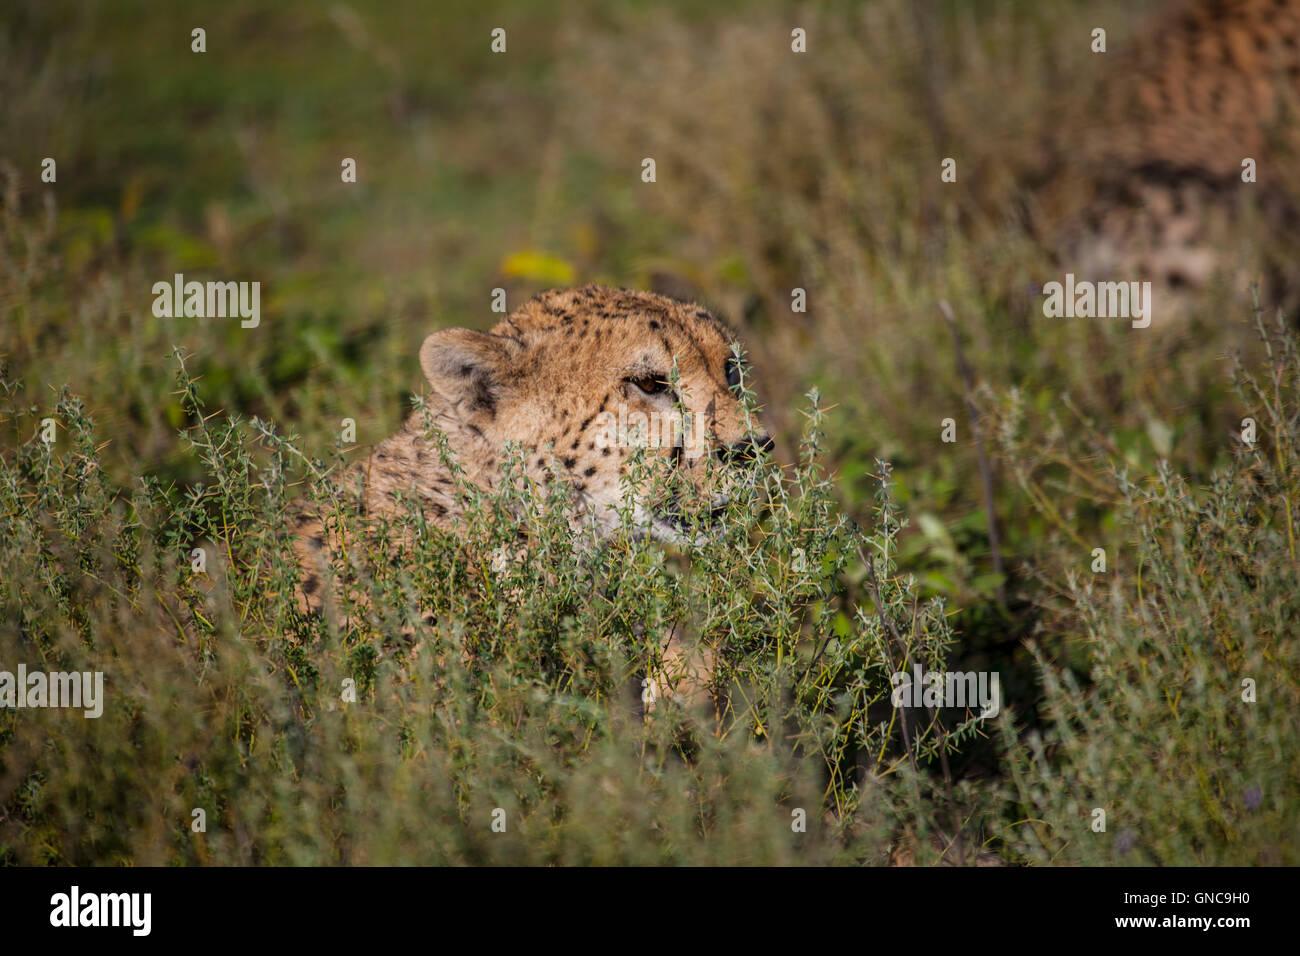 Capo di un ghepardo Acinonyx jubatus visibile sopra gli alti pascoli come orologi silenziosamente i suoi dintorni Immagini Stock